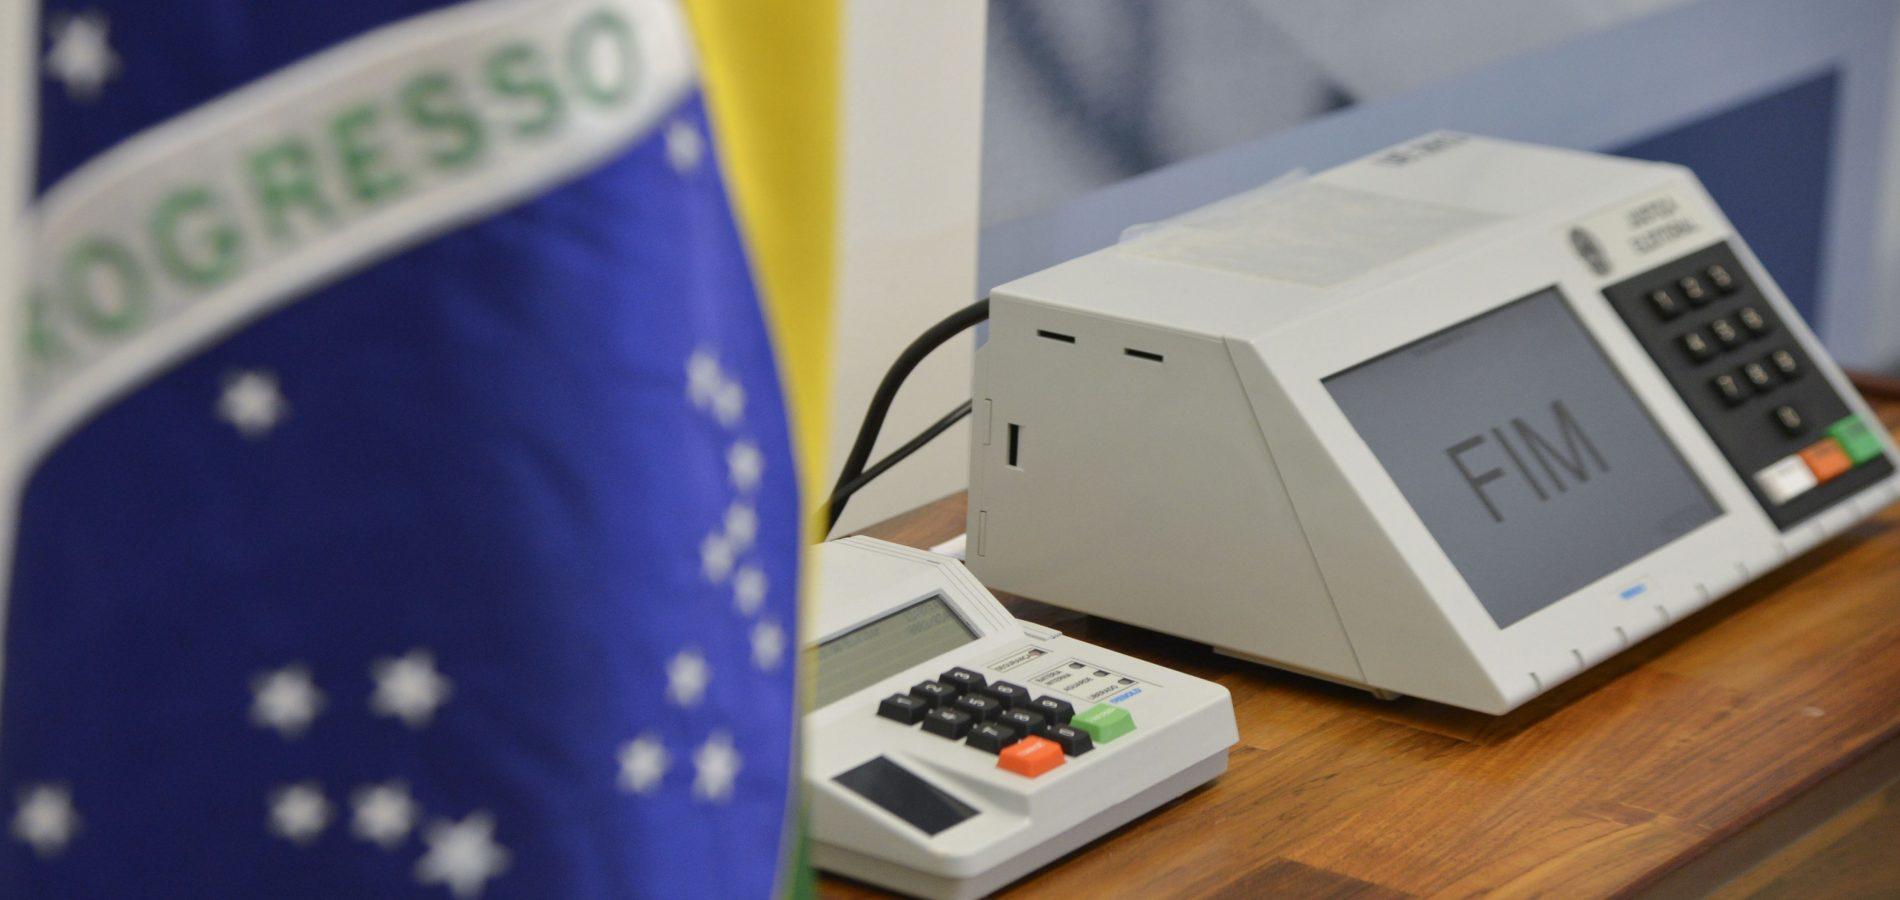 Cerca de 98% dos eleitores faltosos não regularizaram situação no Piauí